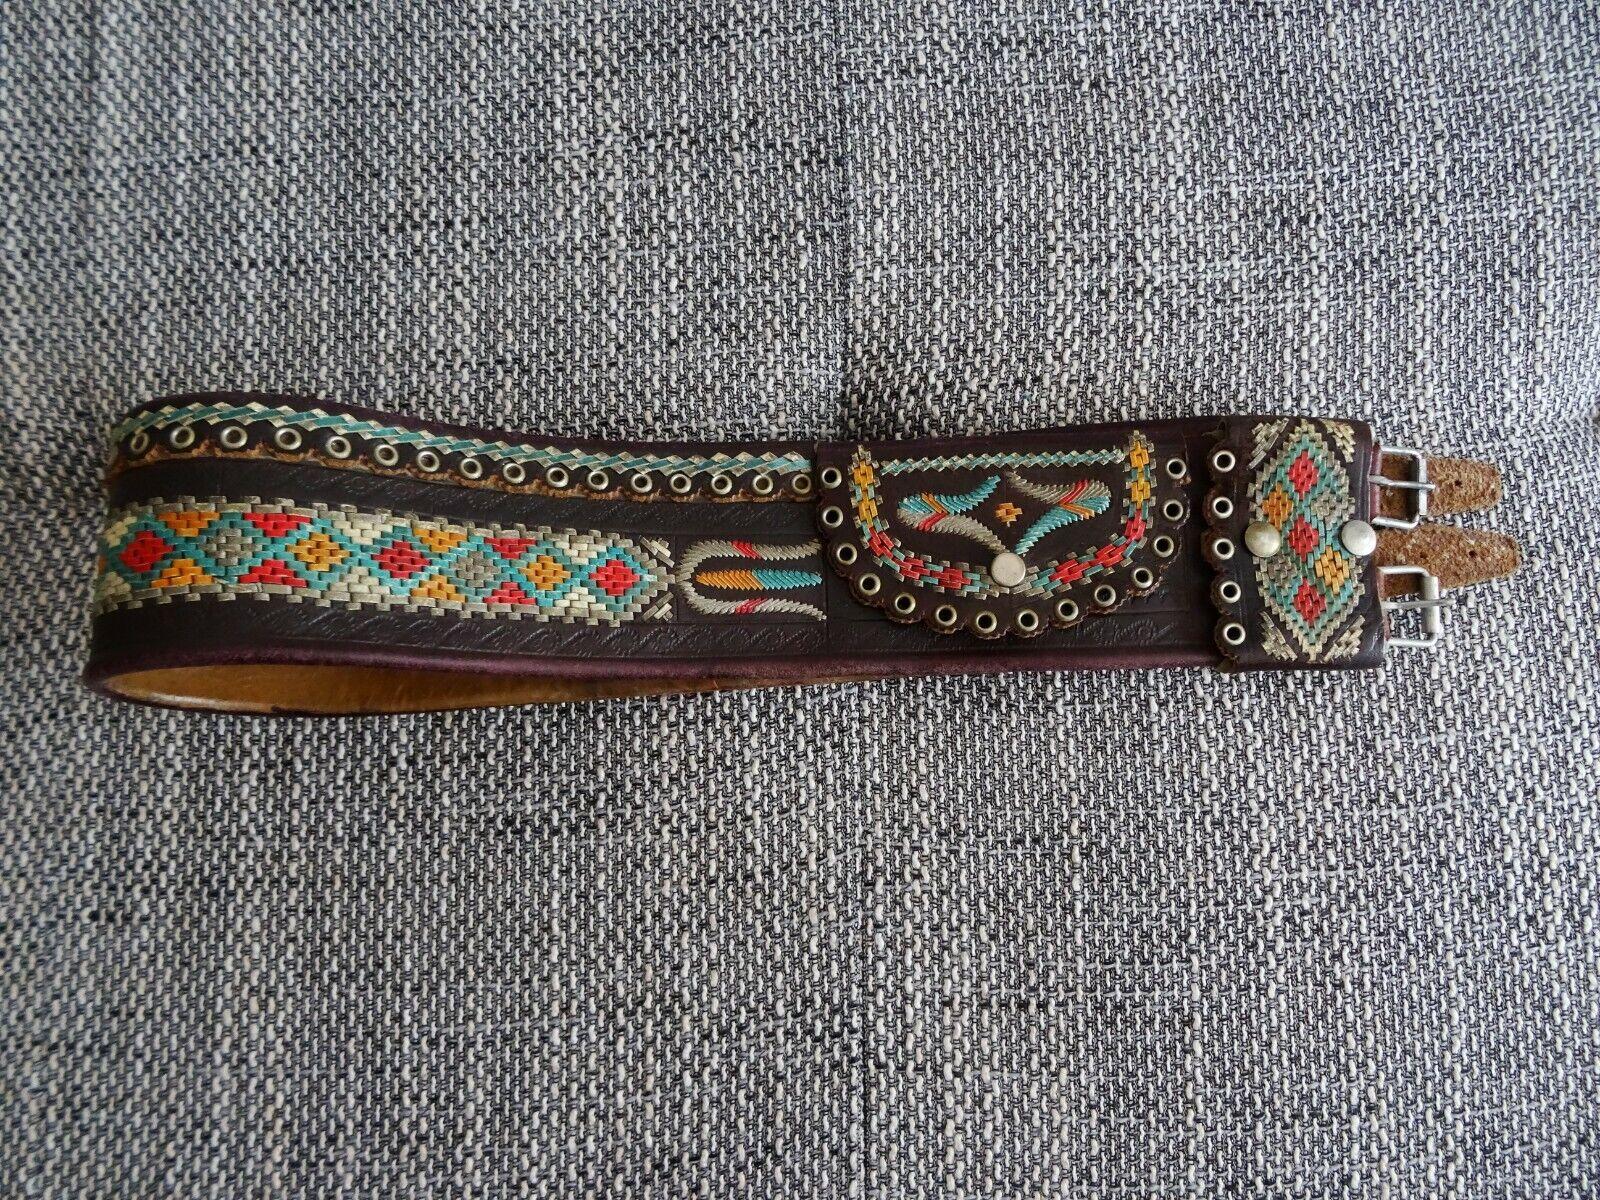 Alter Ranzen Trachtengürtel Damen mit Geldtasche Leder mit Dekor 97 cm länge